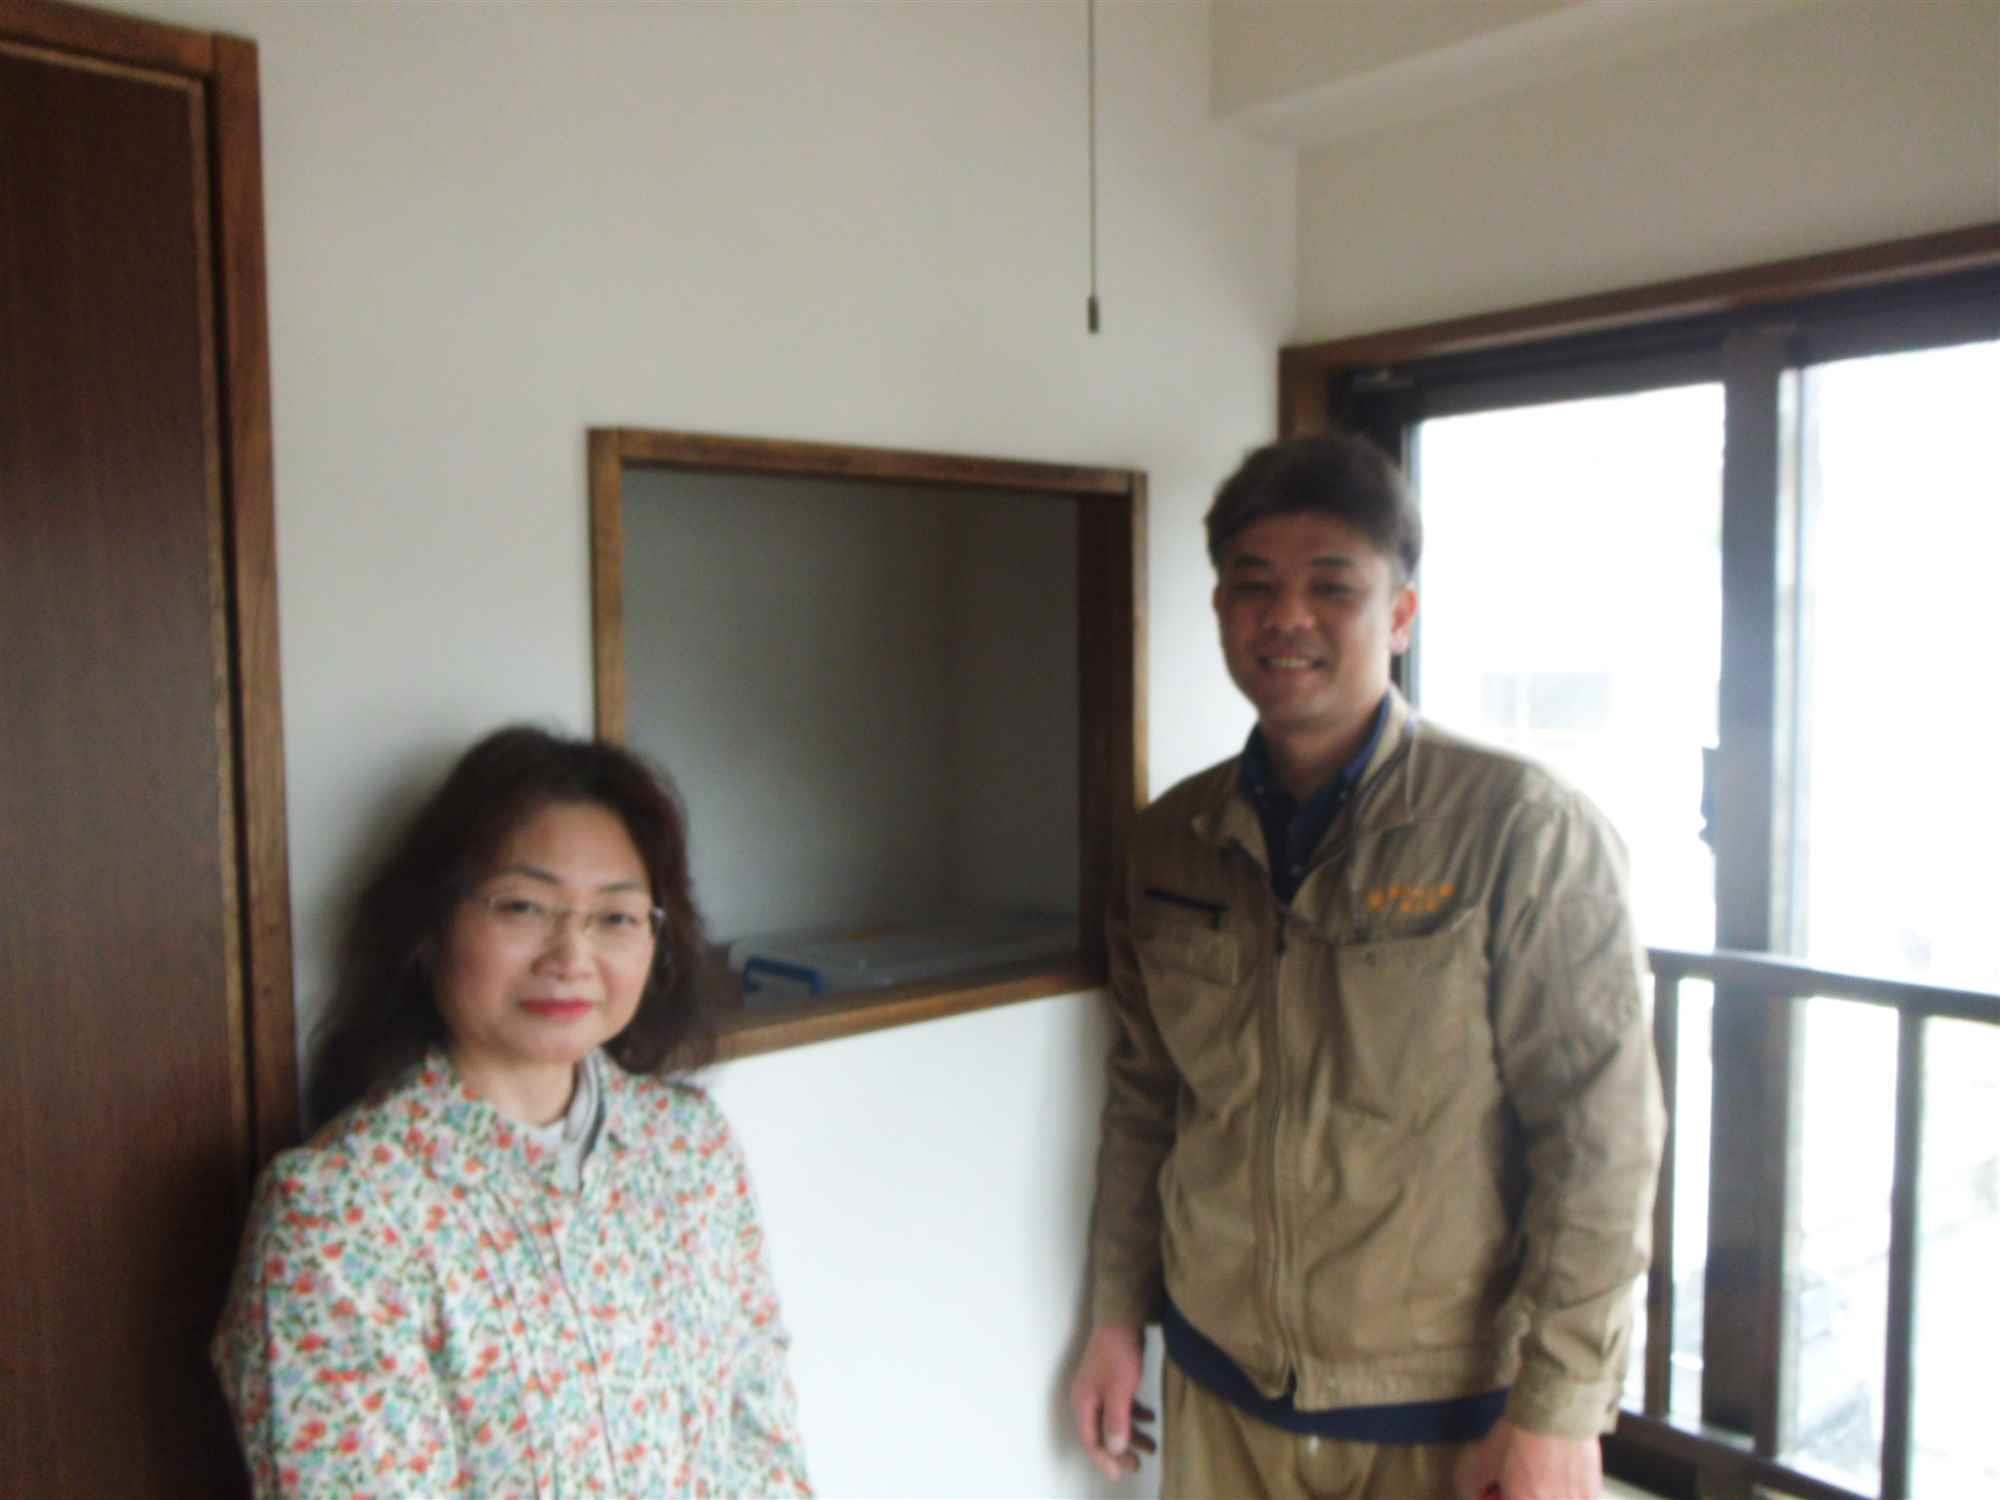 沖縄・那覇のリフォーム 実際のお客様の写真:説明が具体的であったので予定が立てやすかった